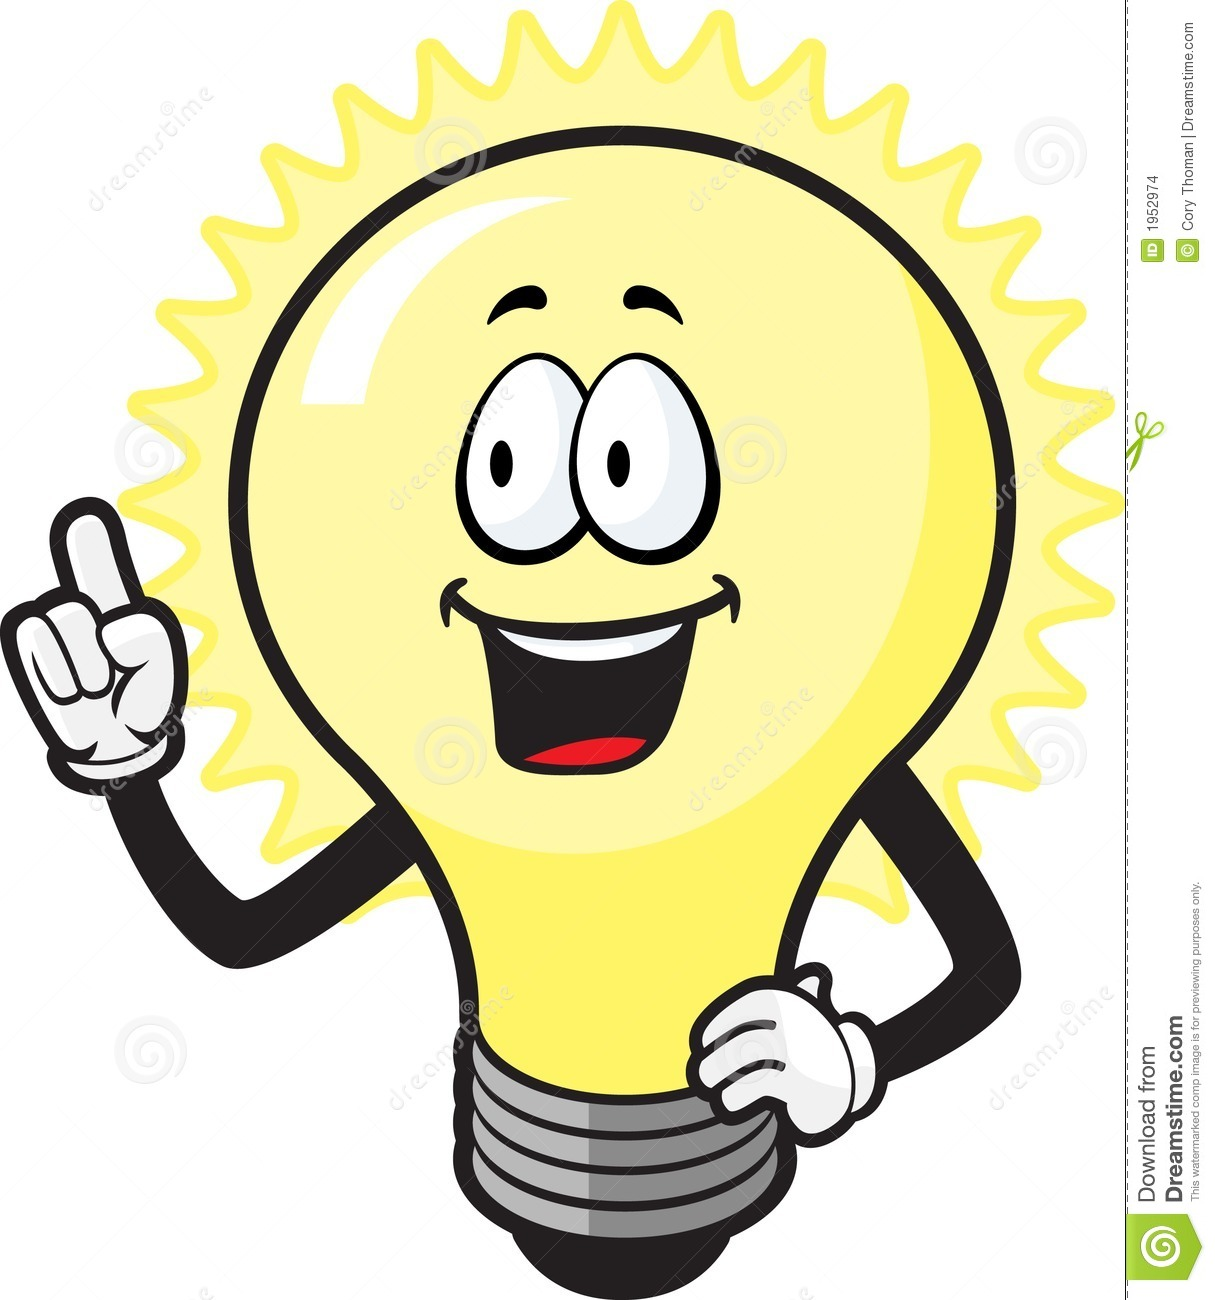 Lamps clipart thinker Lightbulb art bulb & light